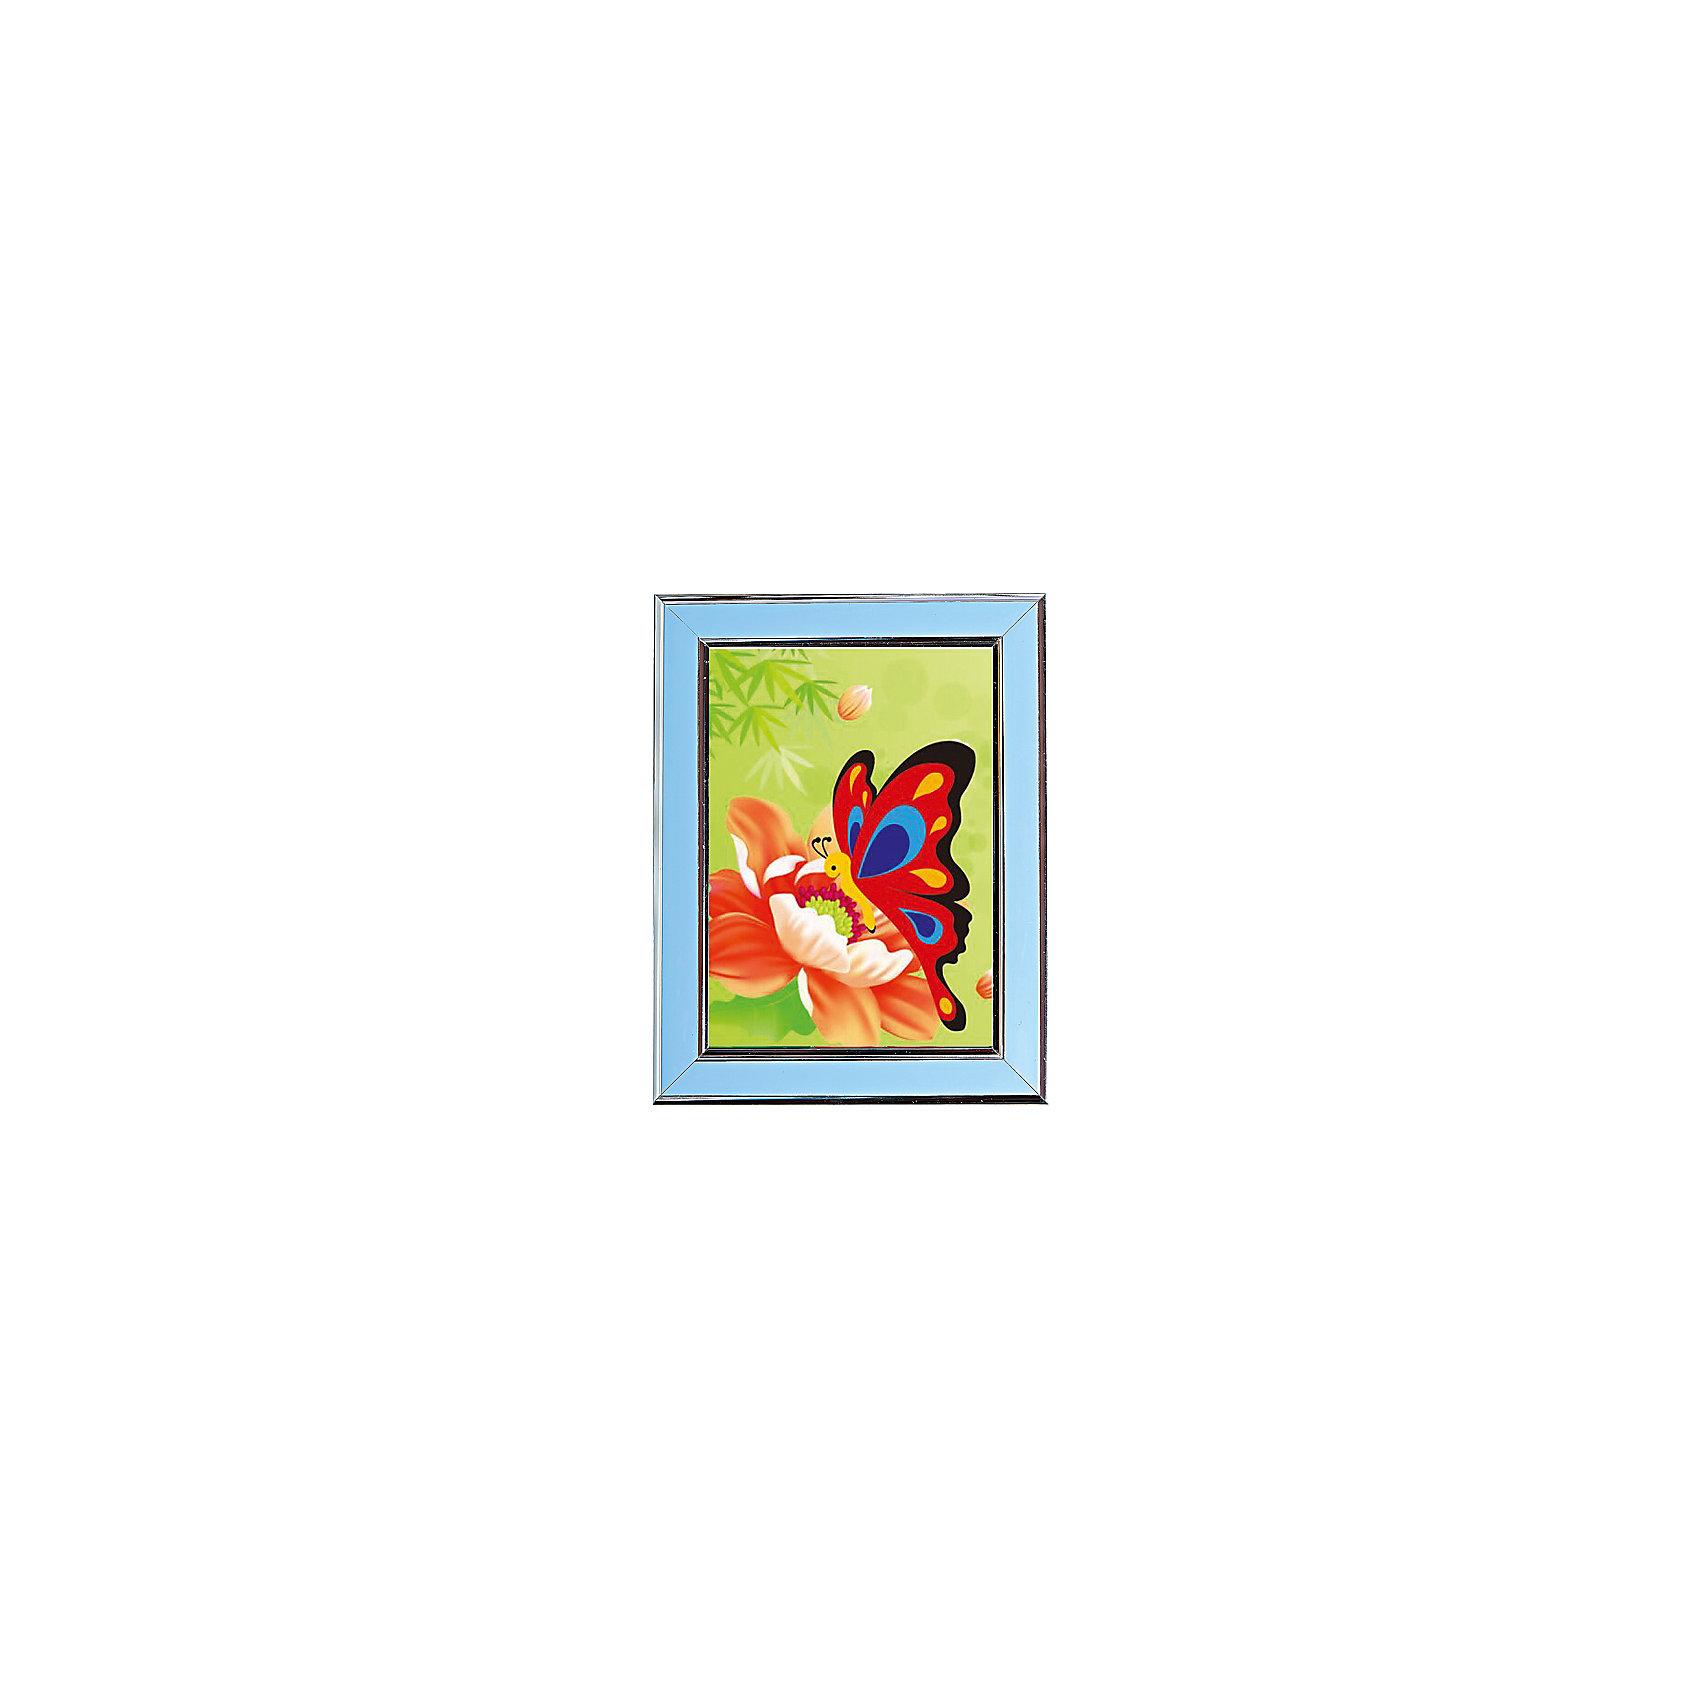 Мозаичная картина БабочкаМозаика<br>Мозаичная картина Бабочка. <br><br>Характеристика: <br><br>• Материал: картон, пластик, клей. <br>• Размер картинки: 17х21 см. <br>• Размер мозаичного элемента: 2,5 мм. <br>• Комплектация: контейнер для элементов мозаики, мозаичные элементы, специальный клеевой карандаш, трафарет со схемой рисунка, декоративная пластиковая рамка с оргстеклом. <br>• Яркие, насыщенные цвета. <br>• Отлично развивает моторику рук, внимание, мышление и воображение. <br><br>Создание картины из мозаики - увлекательное и полезное занятие, в процессе которого ребенок сможет развить моторику рук, внимание, усидчивость, цветовосприятие и воображение. В этом наборе уже есть все для создания маленького шедевра! Нужно лишь приклеить мозаичные элементы на основу с нанесенным контуром - и яркая картинка готова.<br><br>Мозаичную картину Бабочка можно купить в нашем магазине.<br><br>Ширина мм: 200<br>Глубина мм: 225<br>Высота мм: 30<br>Вес г: 250<br>Возраст от месяцев: 84<br>Возраст до месяцев: 36<br>Пол: Унисекс<br>Возраст: Детский<br>SKU: 5417621